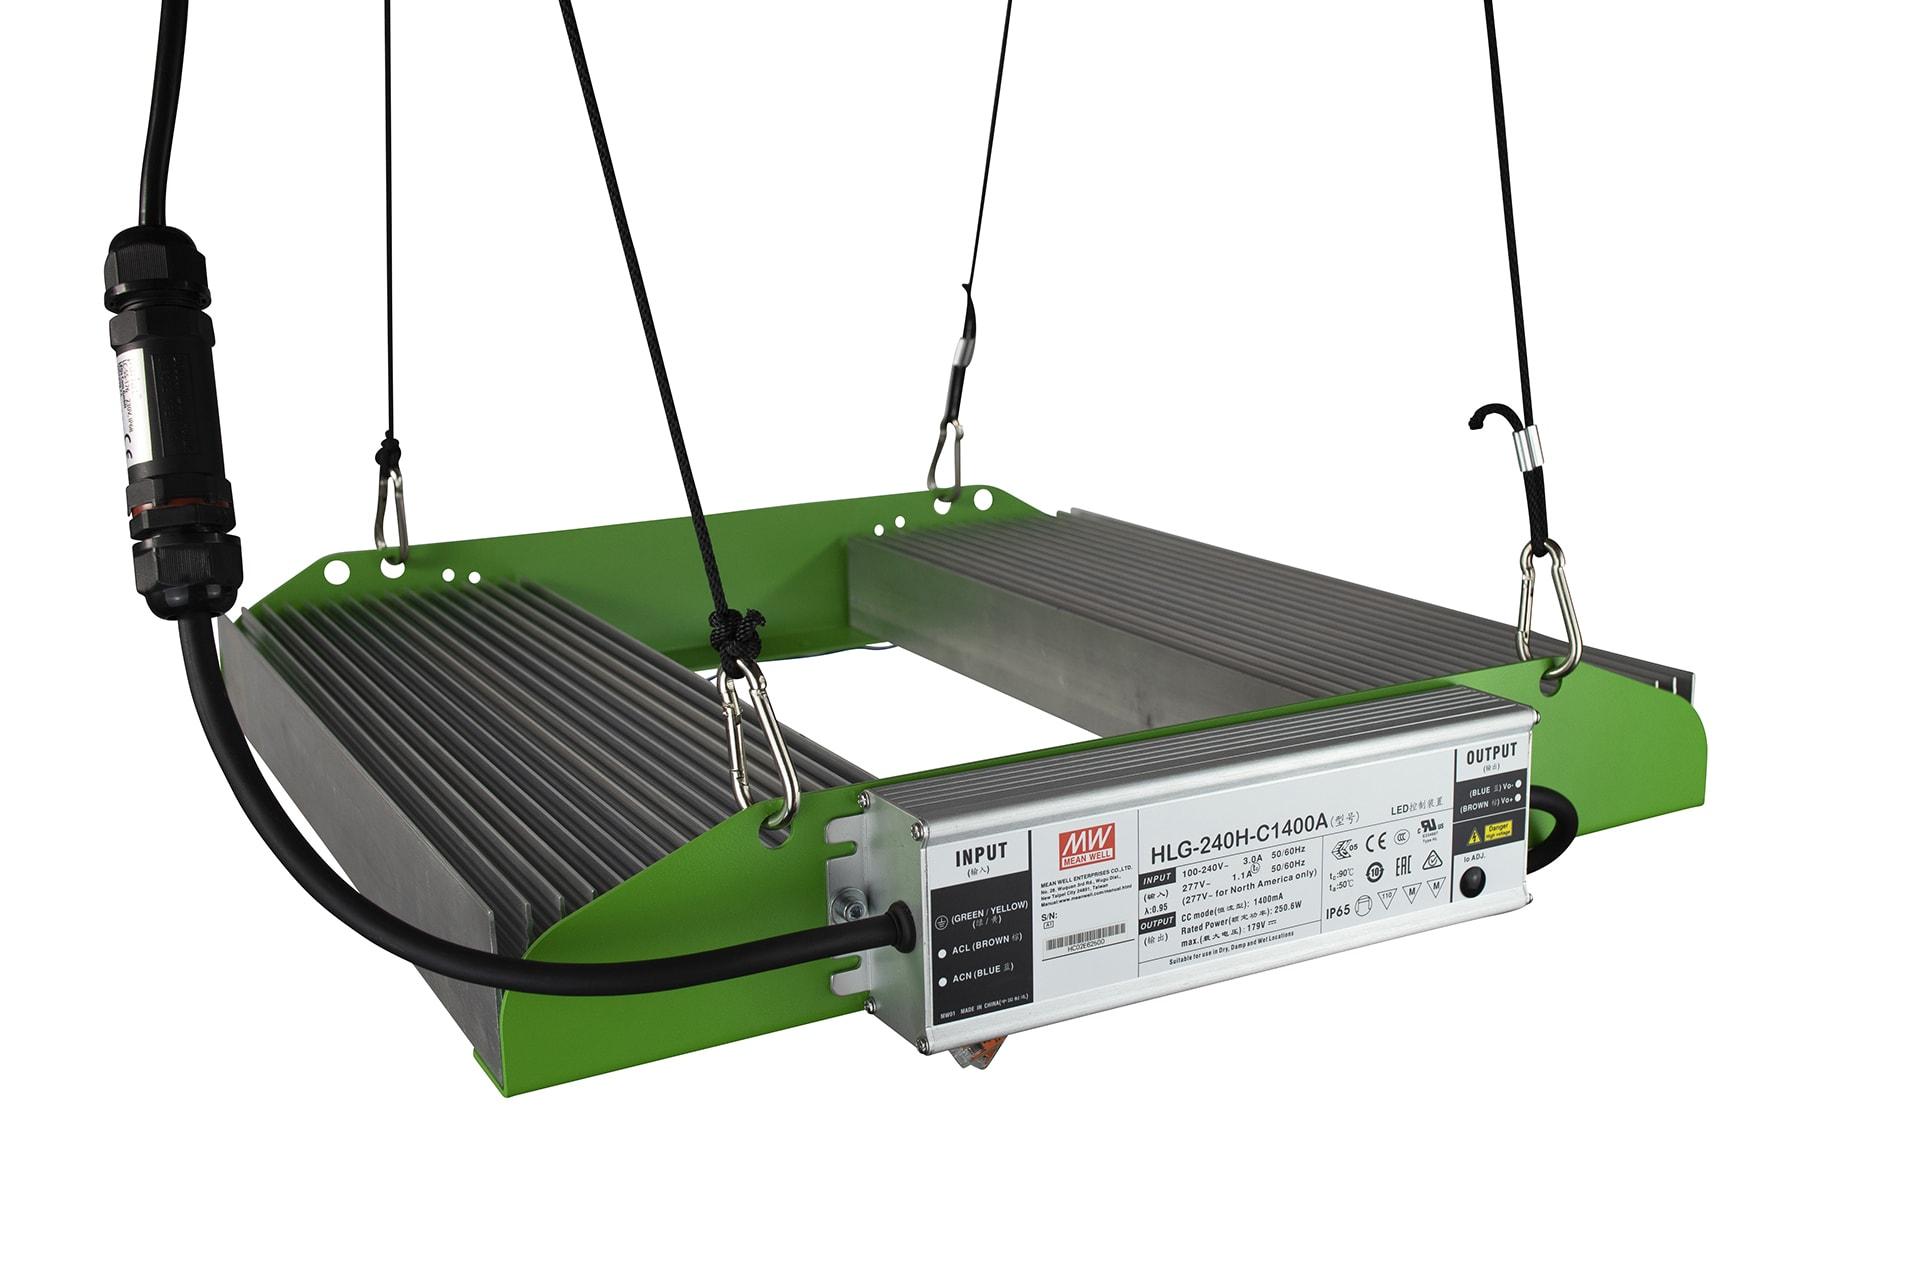 DIY-M-KIT-SMD-200w-quader-aufbau-bird-quer-pro-emit-onlineshop